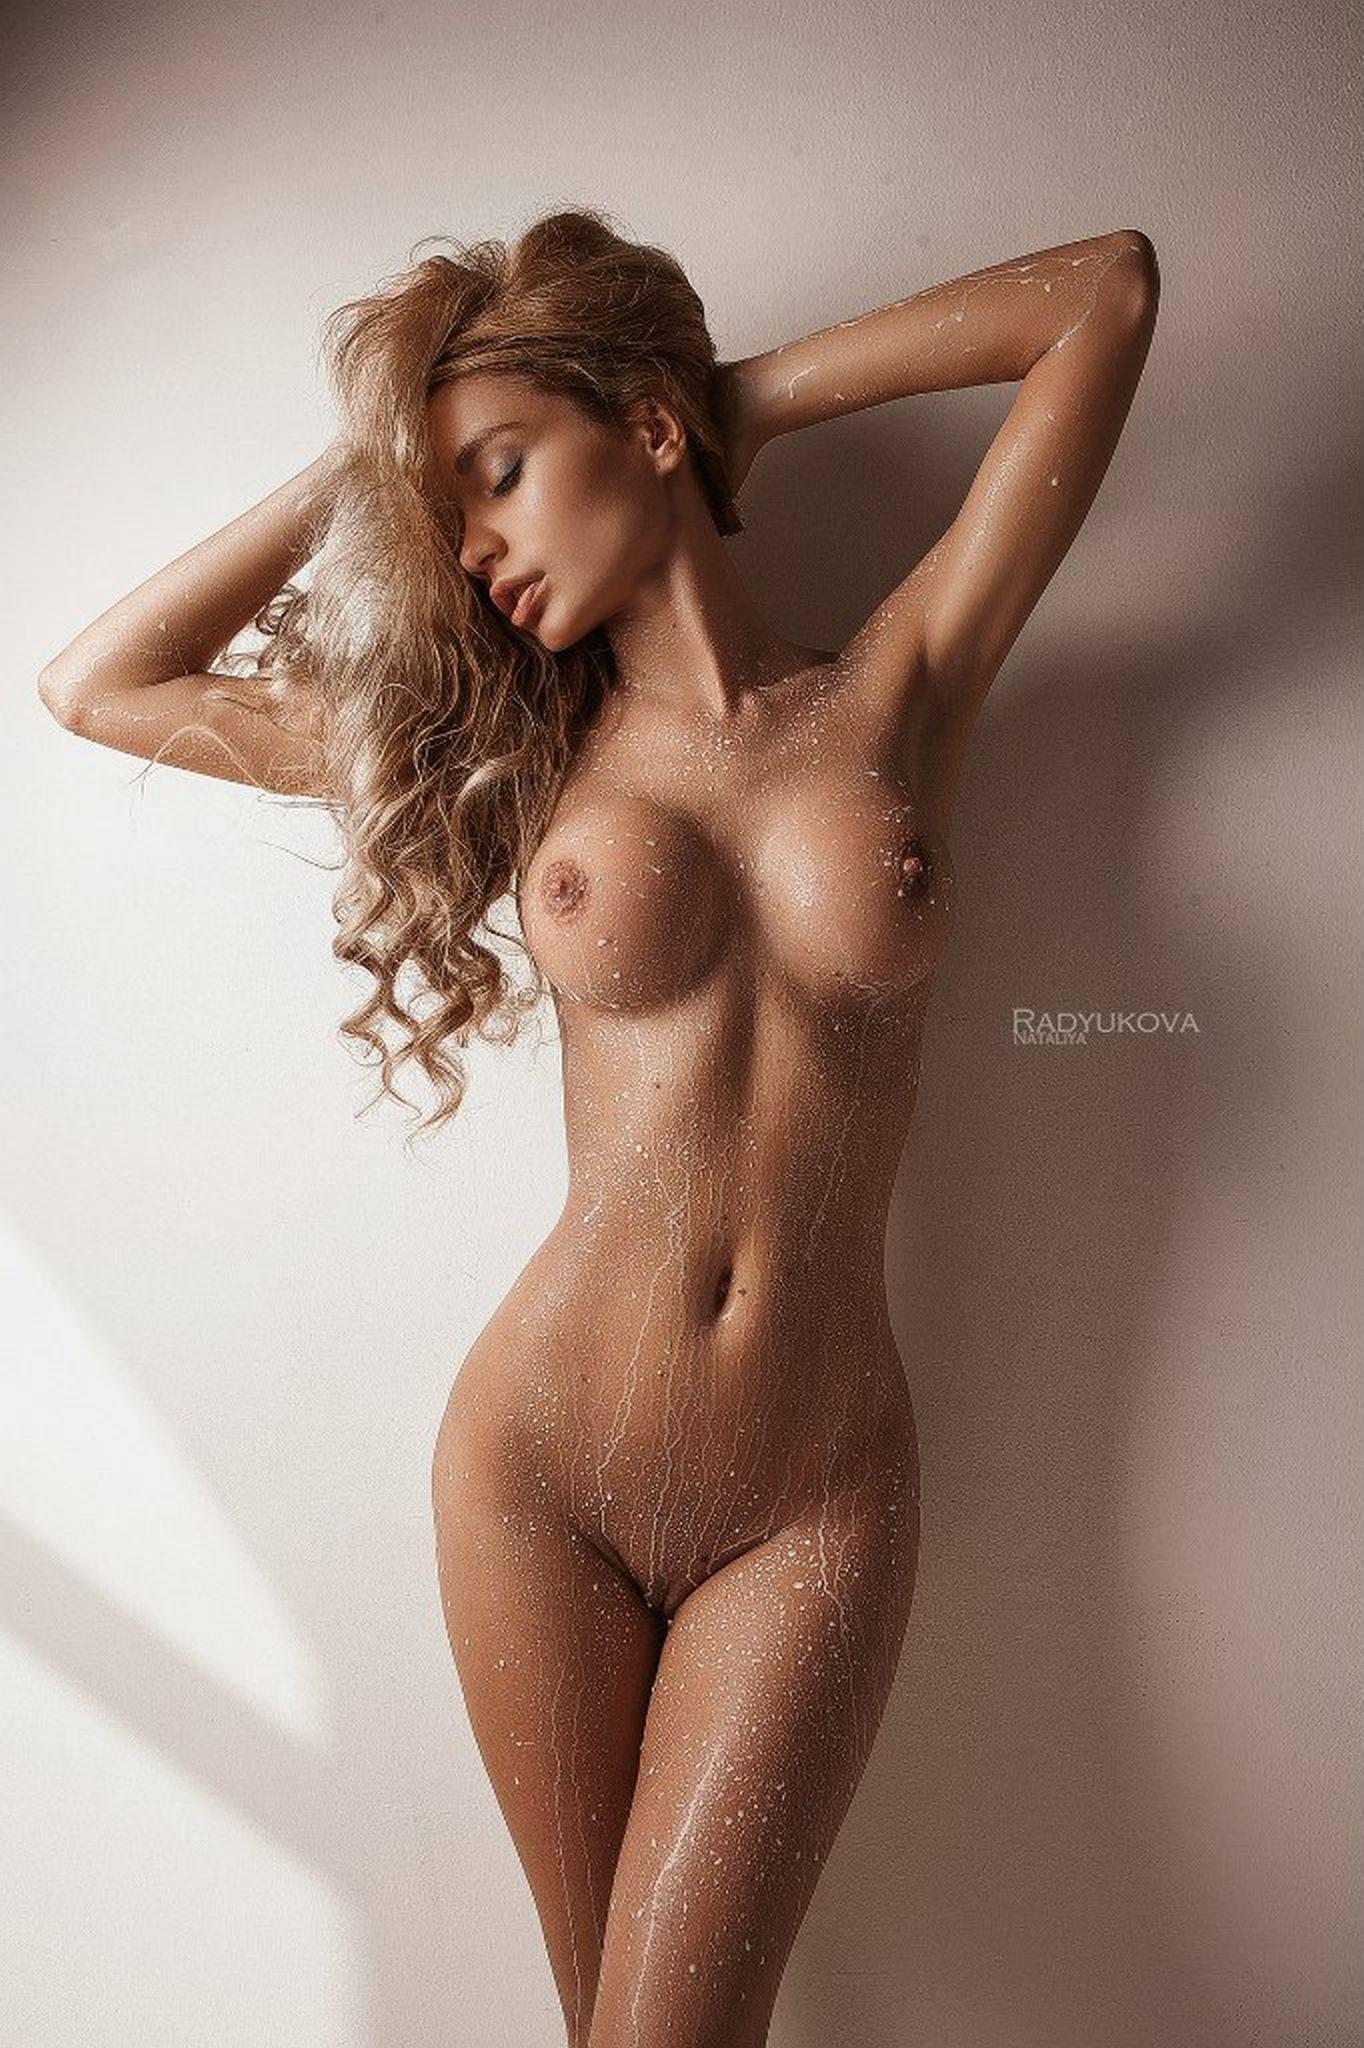 Ekaterina Zueva Sexy Naked Pics